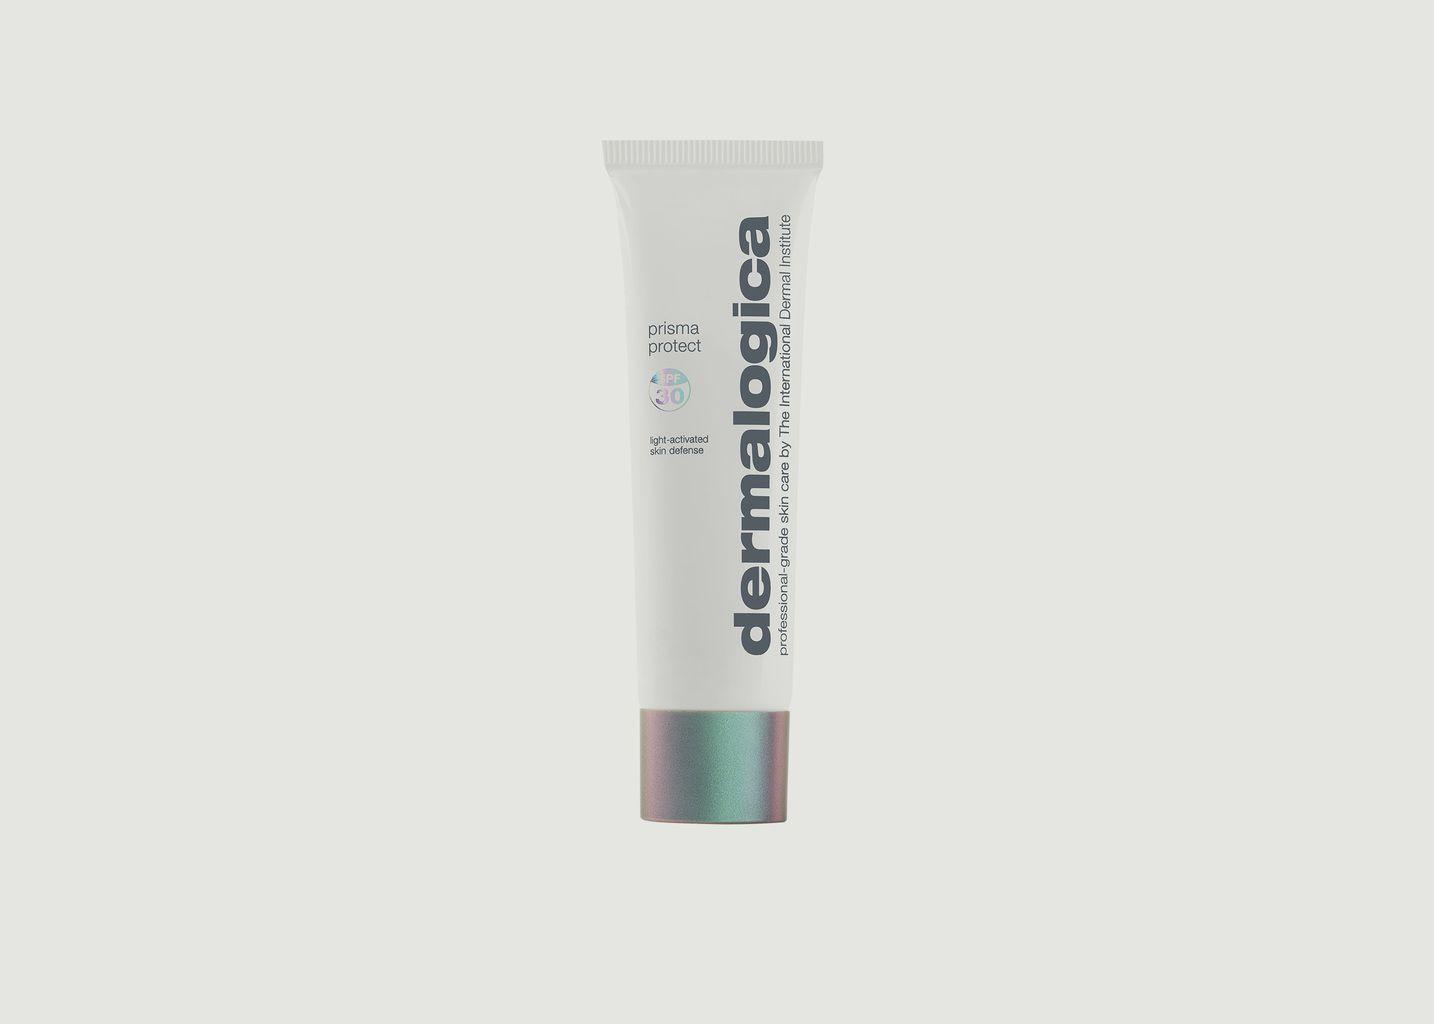 Prisma protect SPF 30 50ml - Dermalogica